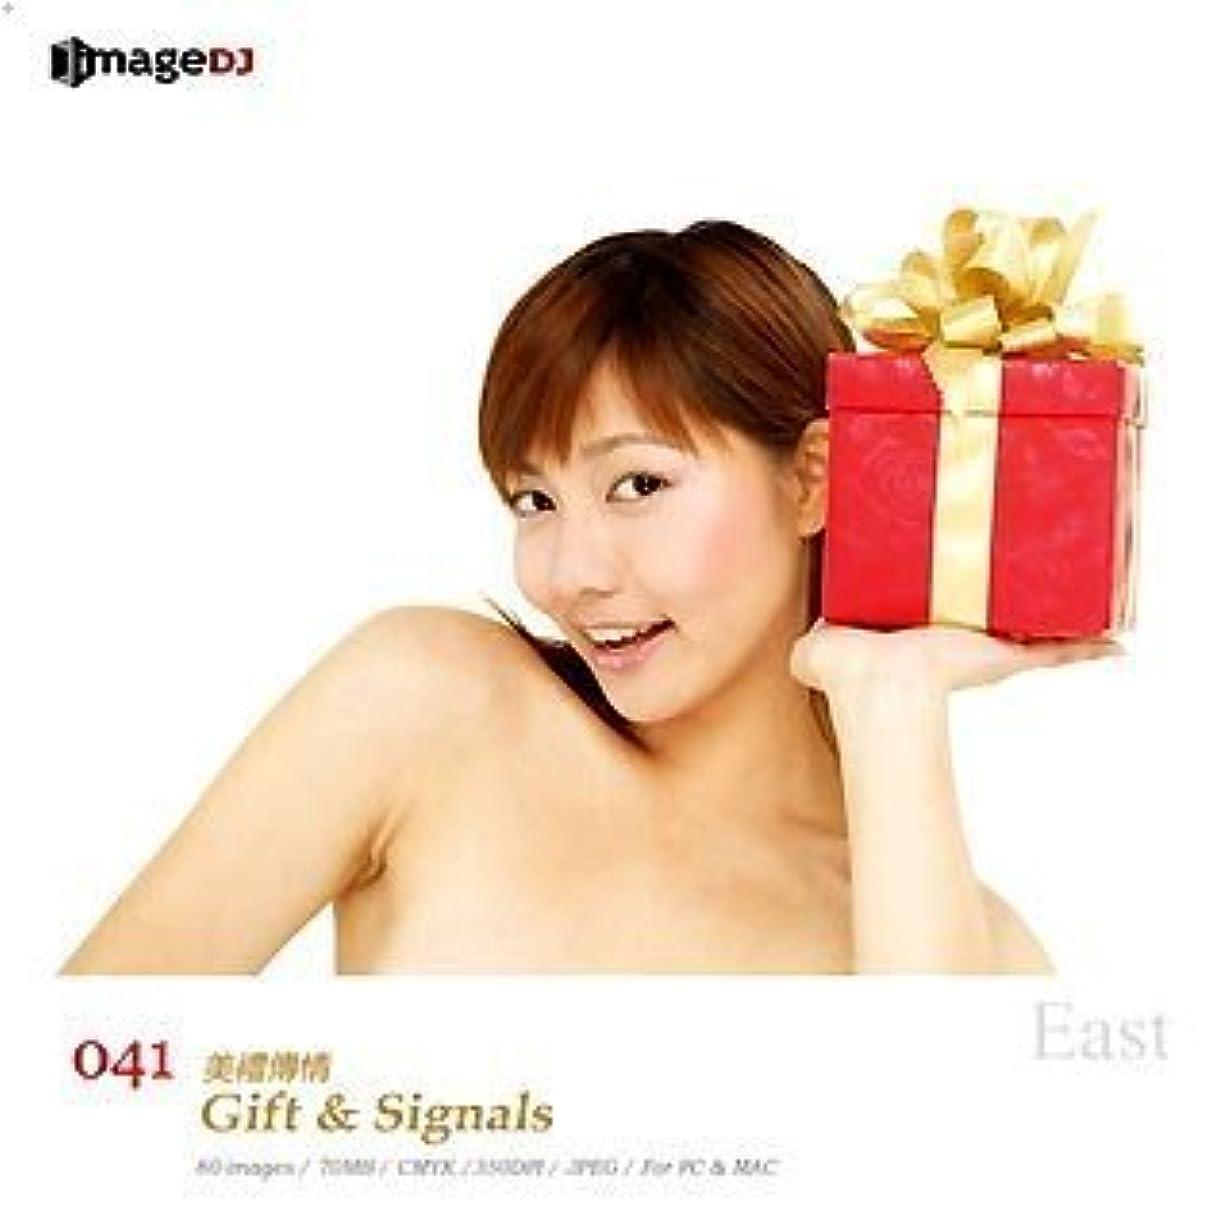 クロールつらい豚EAST vol.41 ギフトポーズ Gift Signals